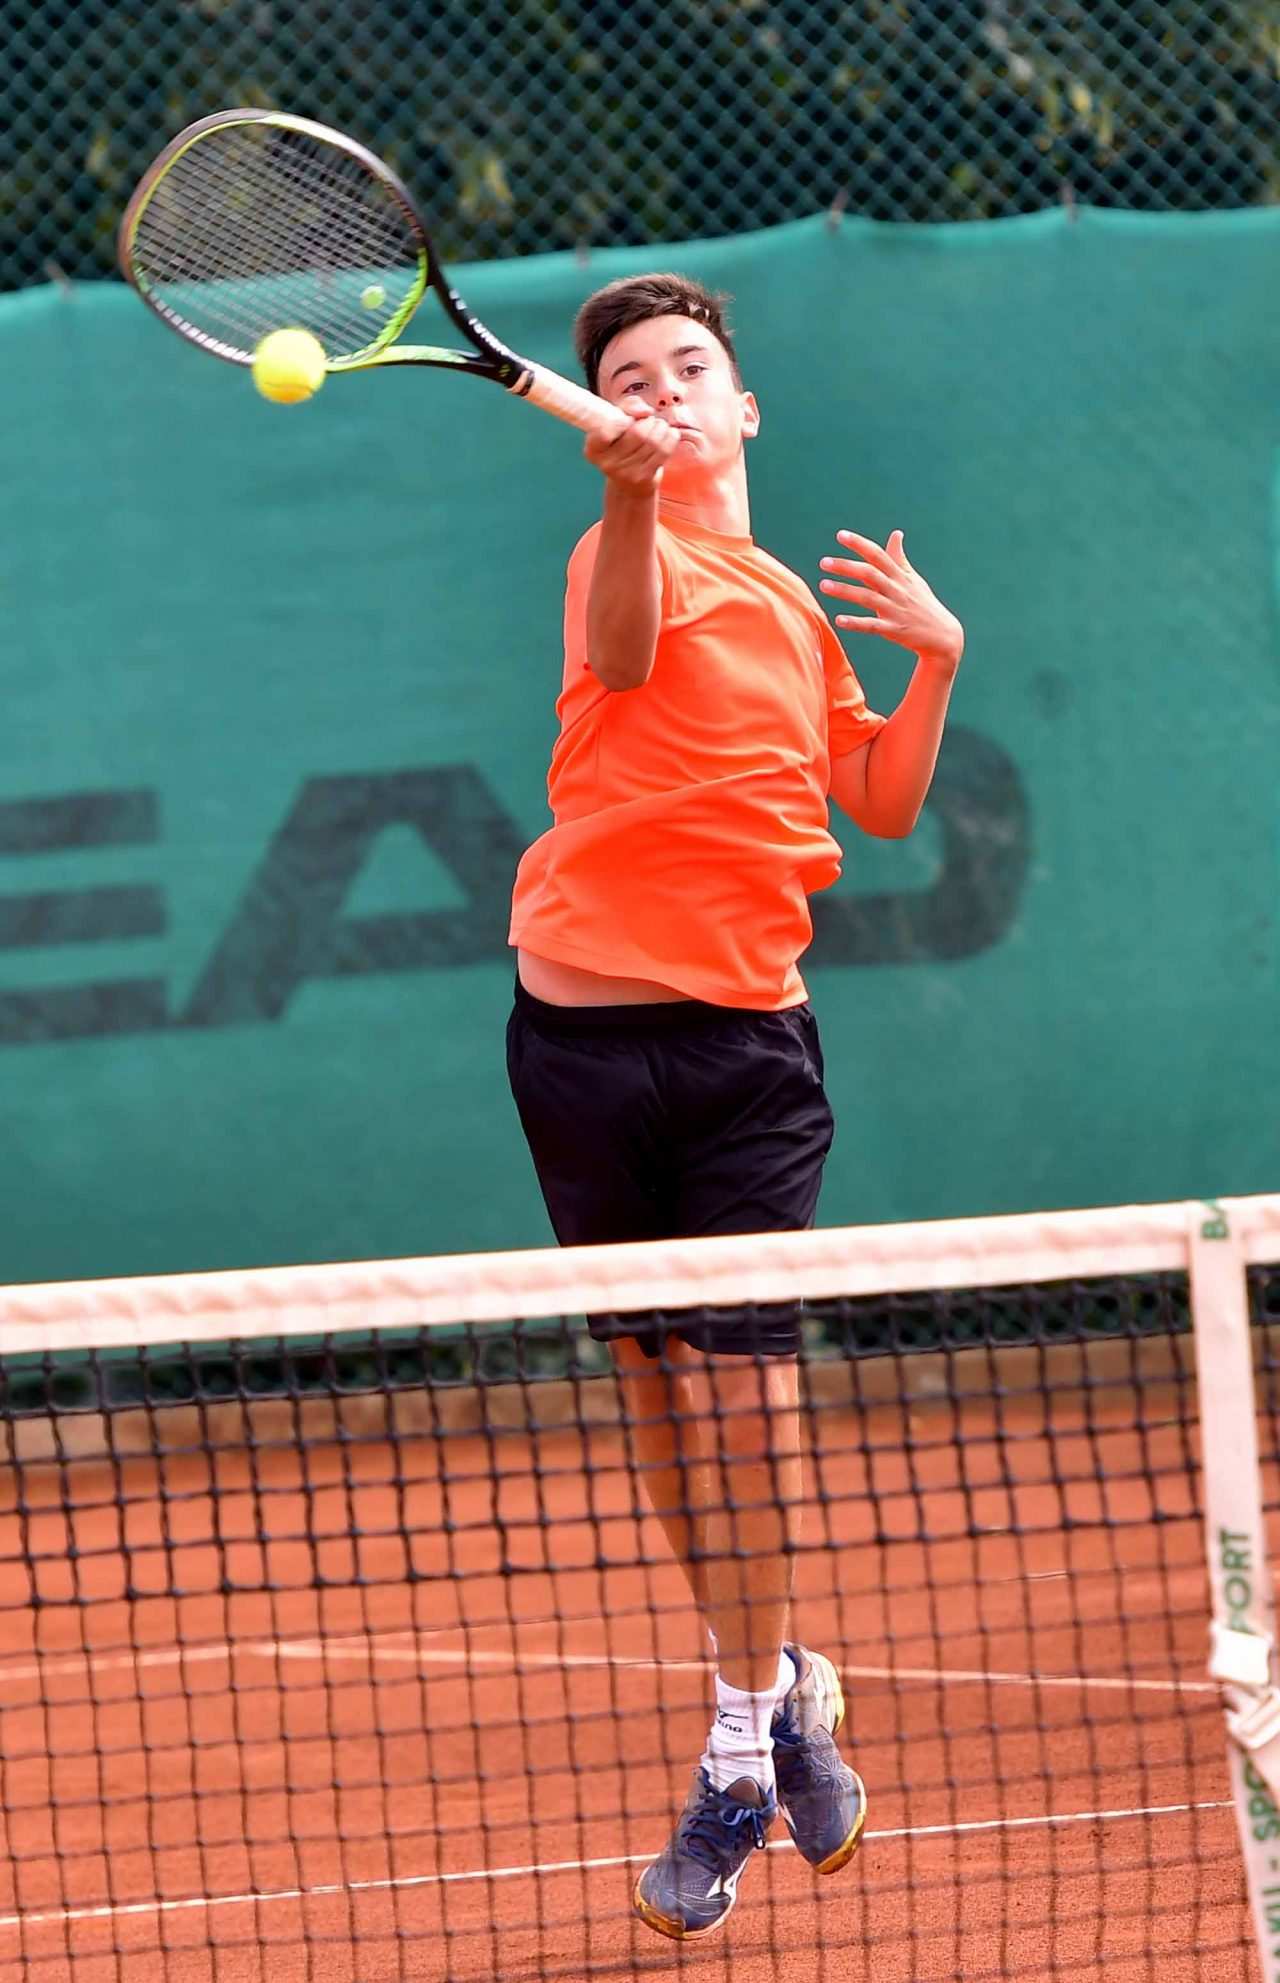 Държавно първенство тенис до 14 год. ТК 15-40 финал (1)